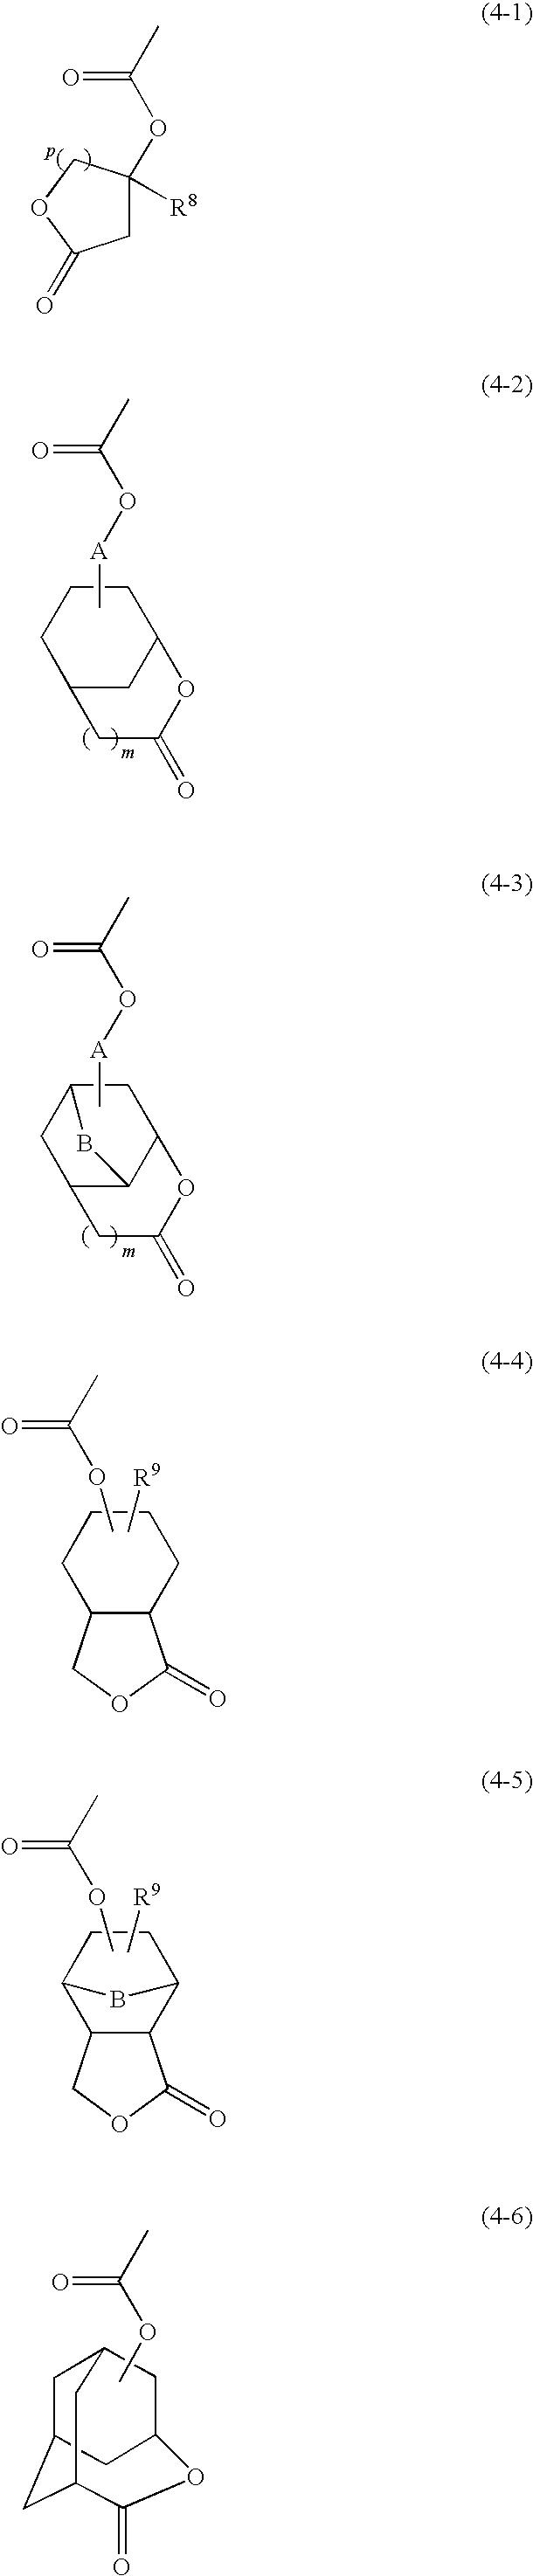 Figure US20100068650A1-20100318-C00052